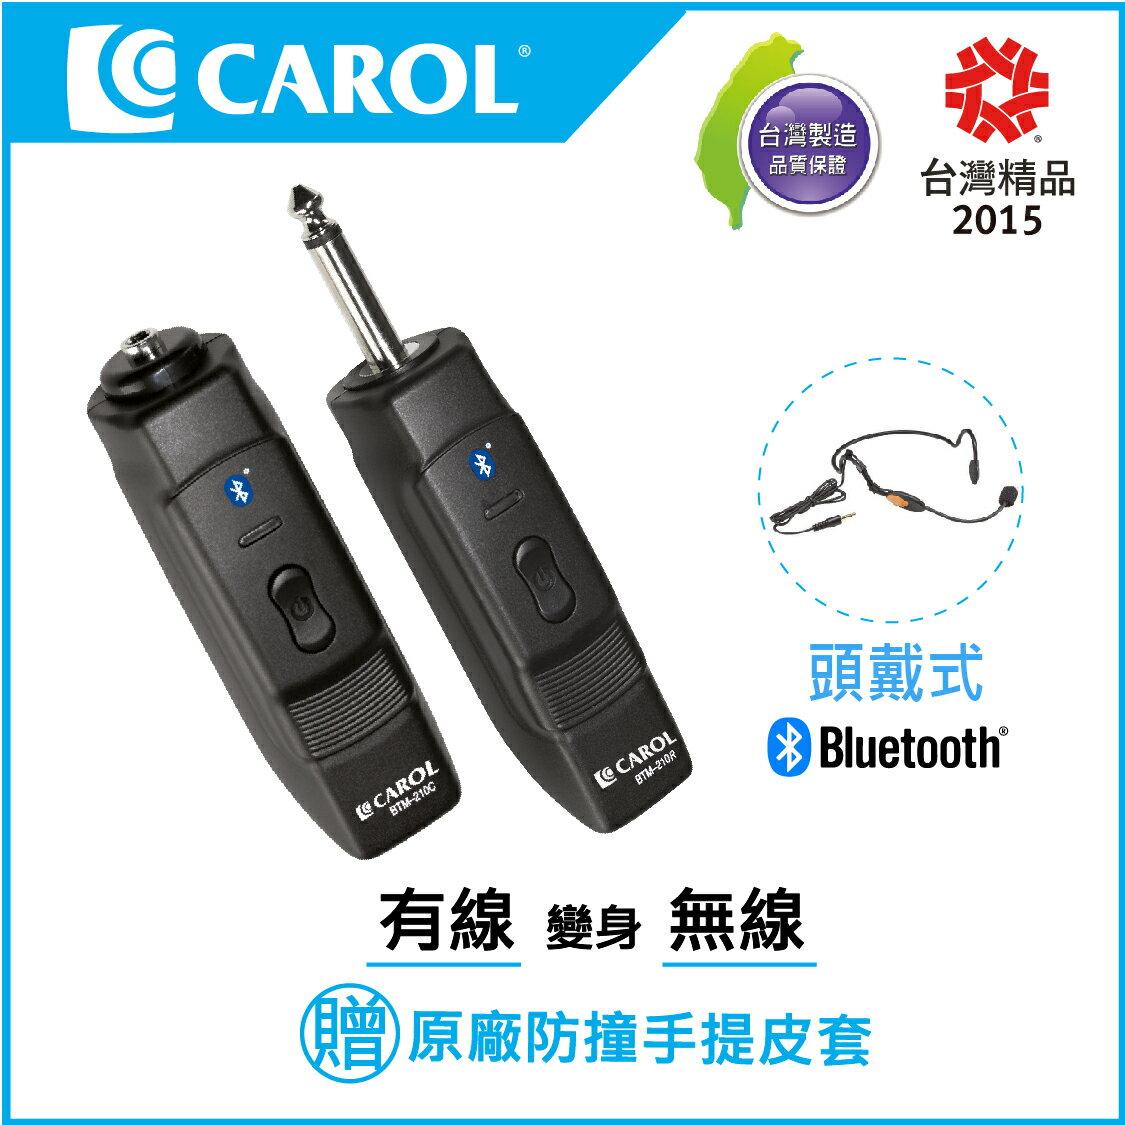 【CAROL】藍牙無線頭戴式電容麥克風 BTM-210C (贈送原廠防撞手提皮套) – 免運